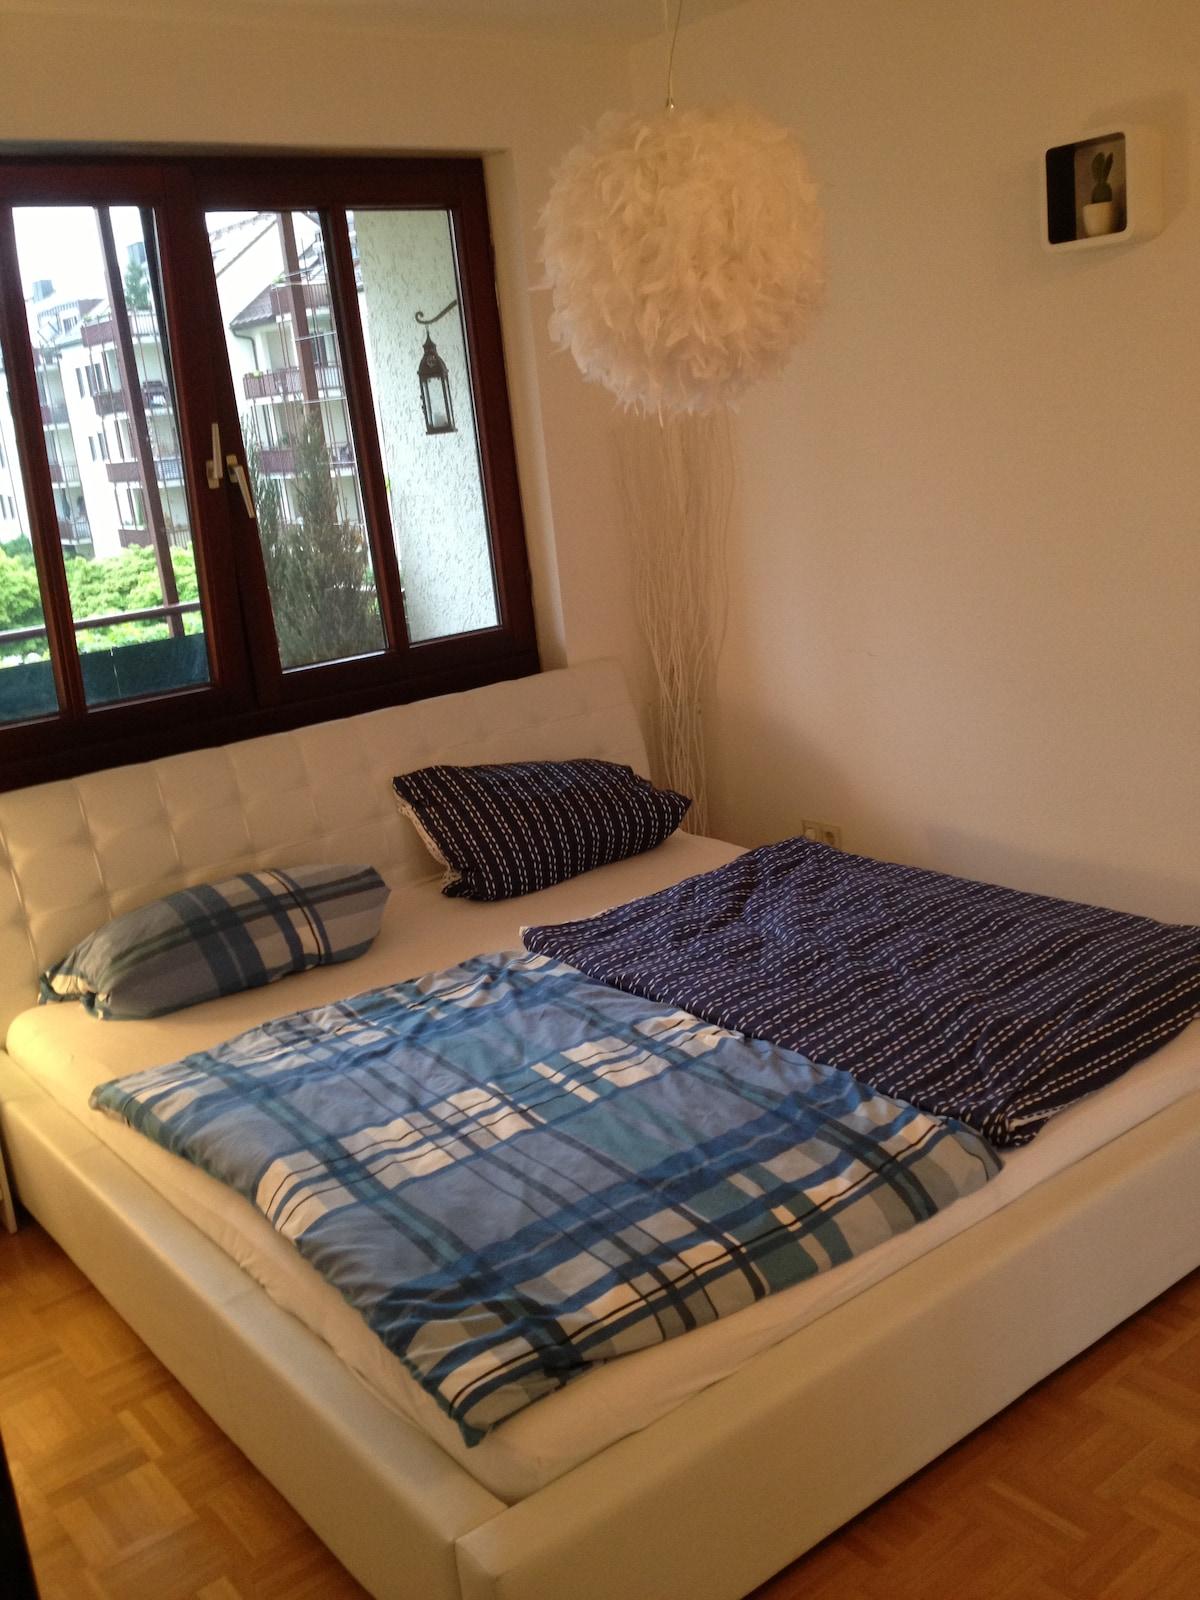 Kleines schönes Schlafzimmer